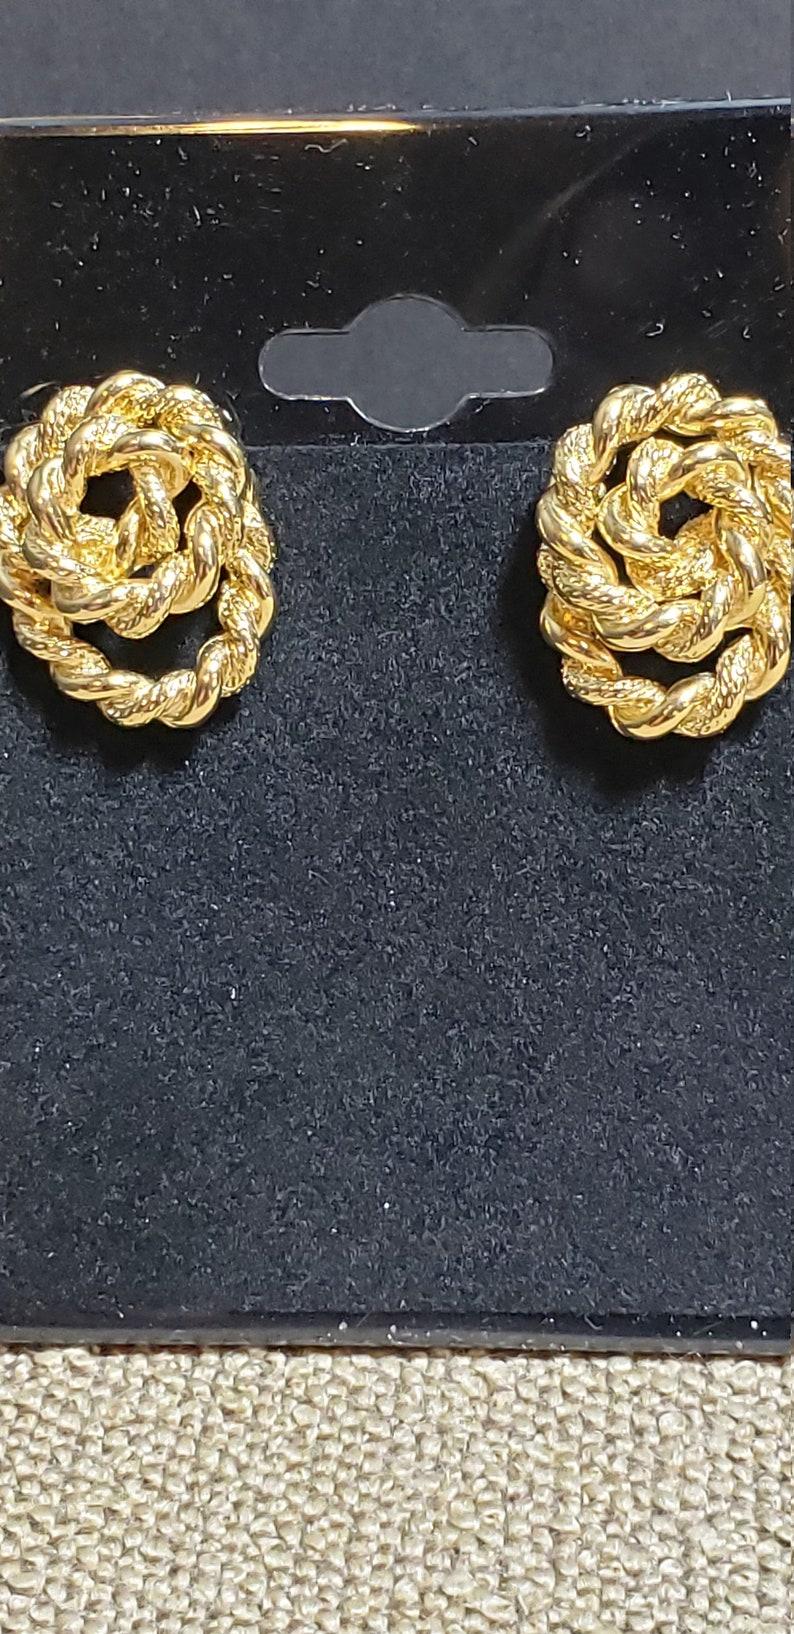 Vintage Goldtone Rope Monet Earrings